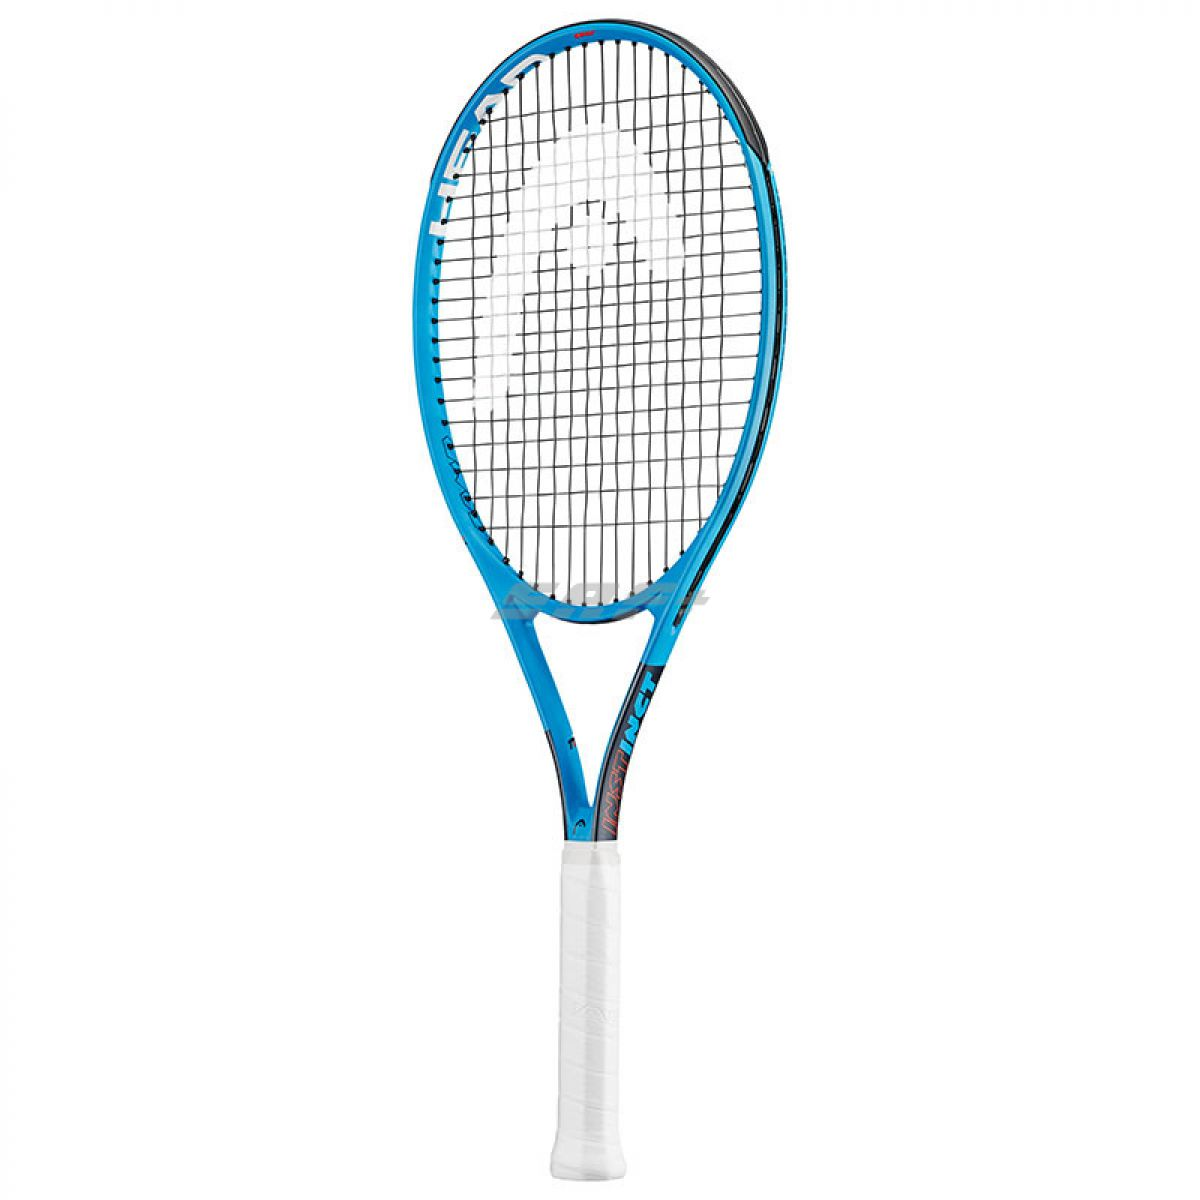 Ракетка теннисная Ракетка б/т HEAD Ti. Instinct Comp Gr2, арт.232229, для любит., титат.сплав, со струнами, сине-белый